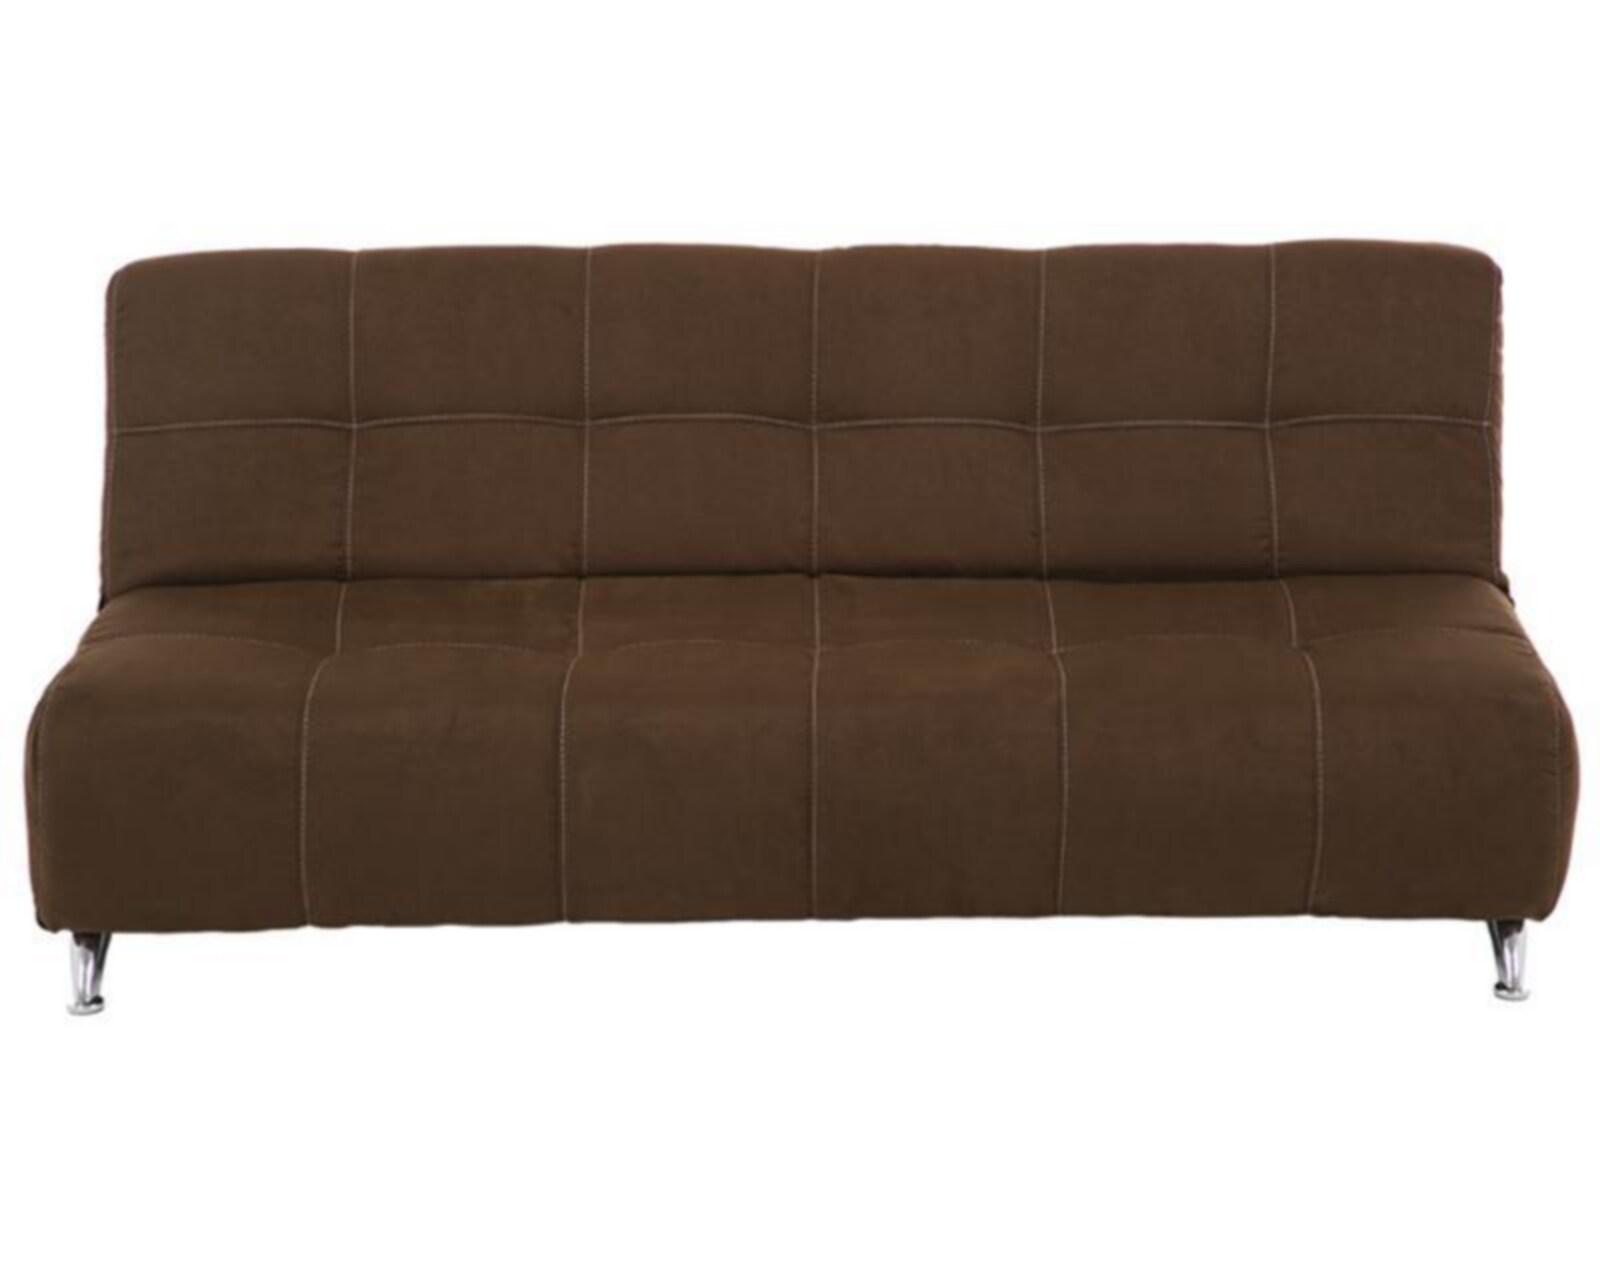 Sof cama century tapizado en suede caf 4019353 coppel for Camas en coppel